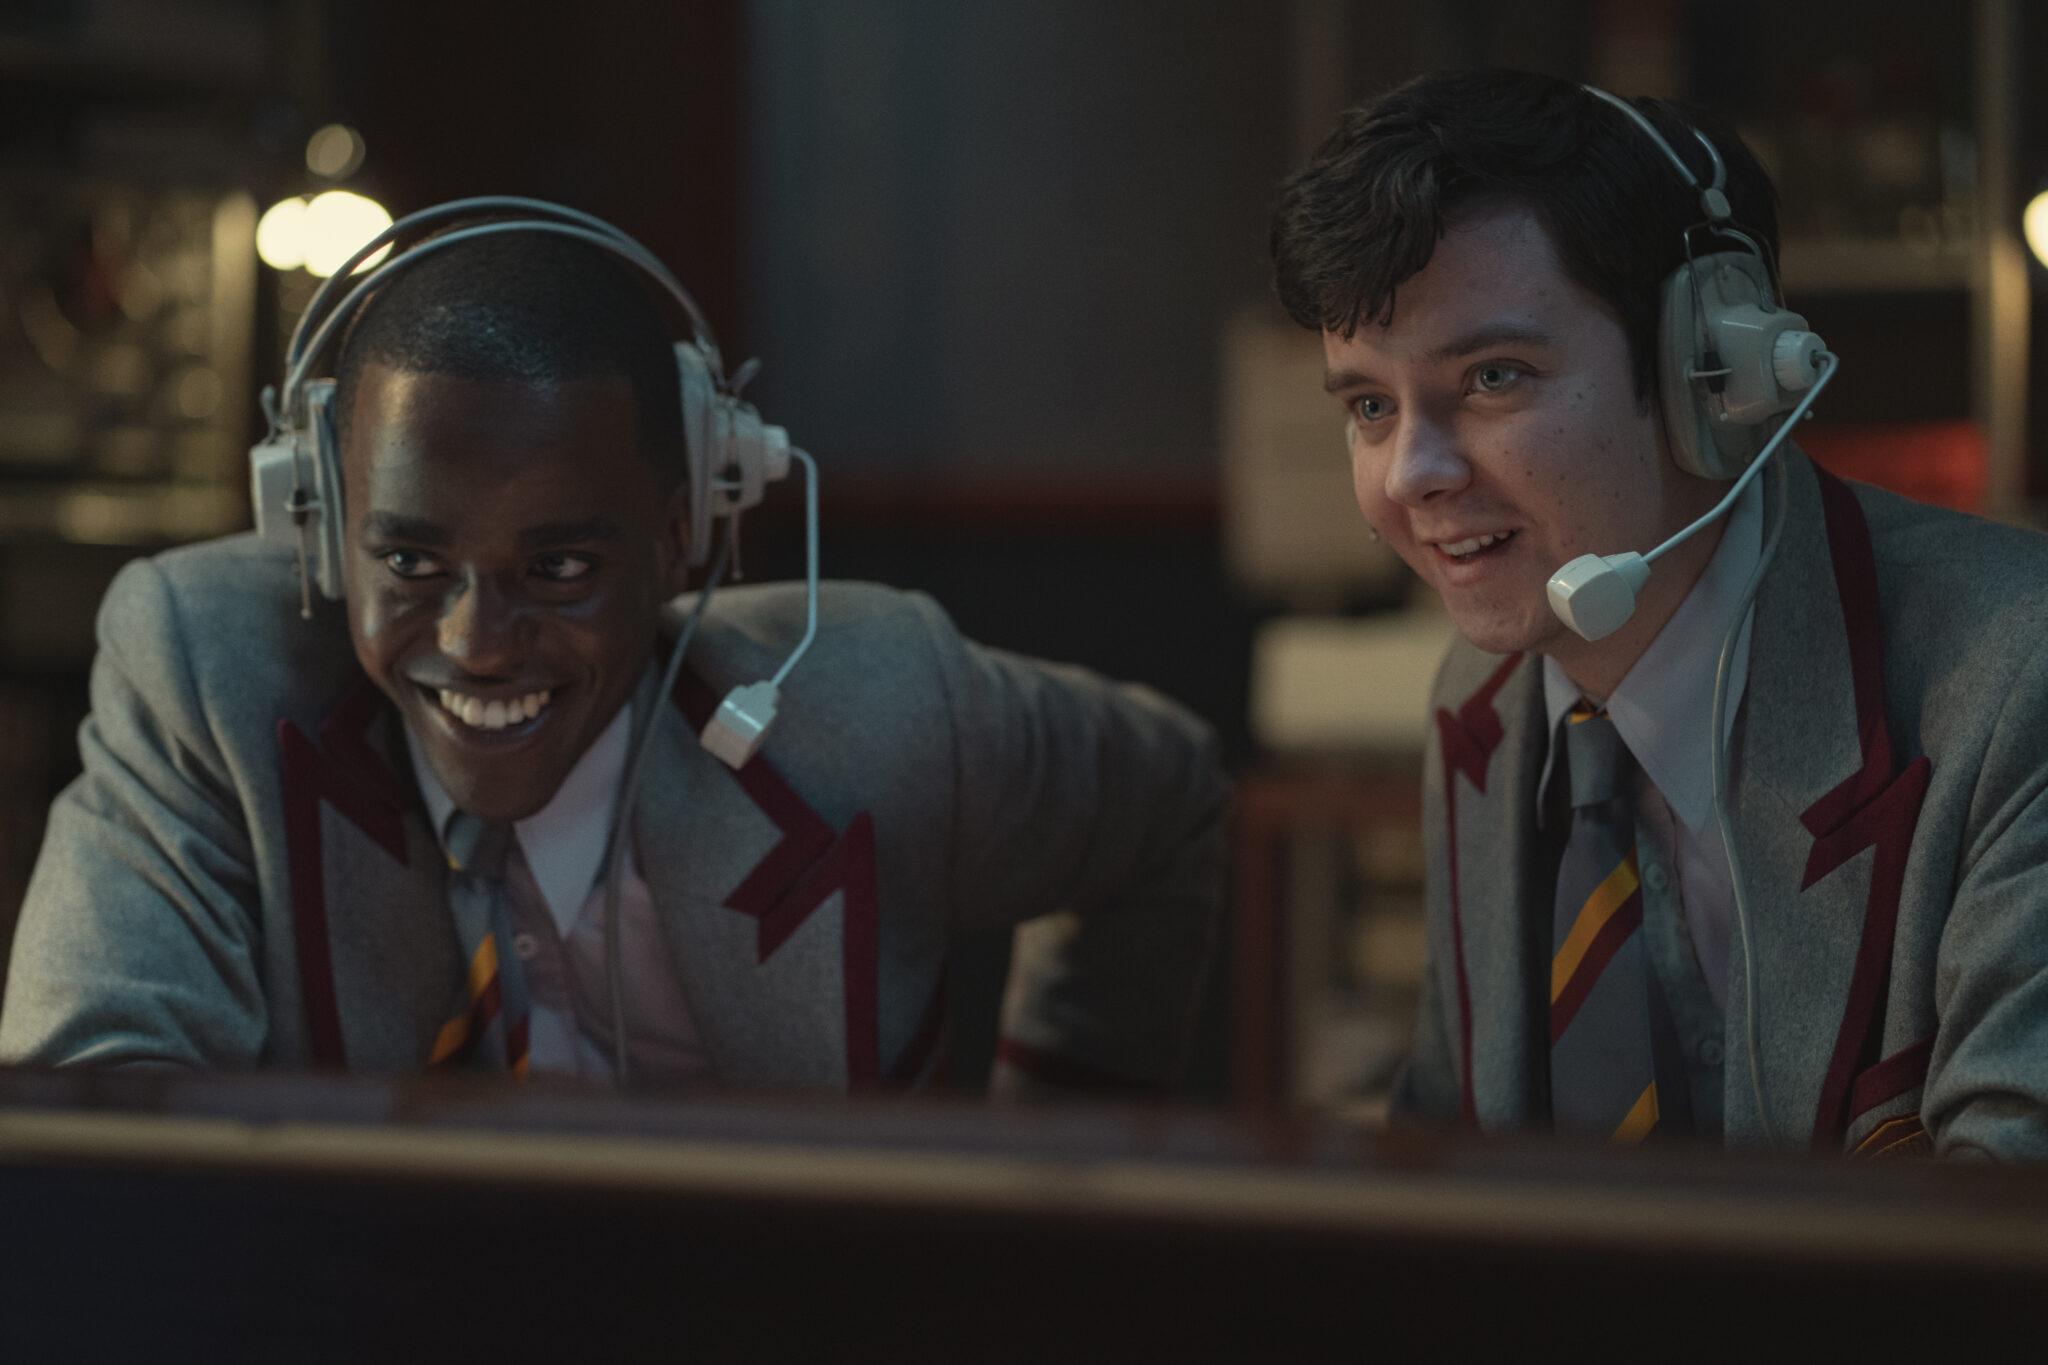 Eric und Otis sitzen in Schüleruniform hinter einem Computerbildschirm und tragen beide Headsets. Beide lächeln.